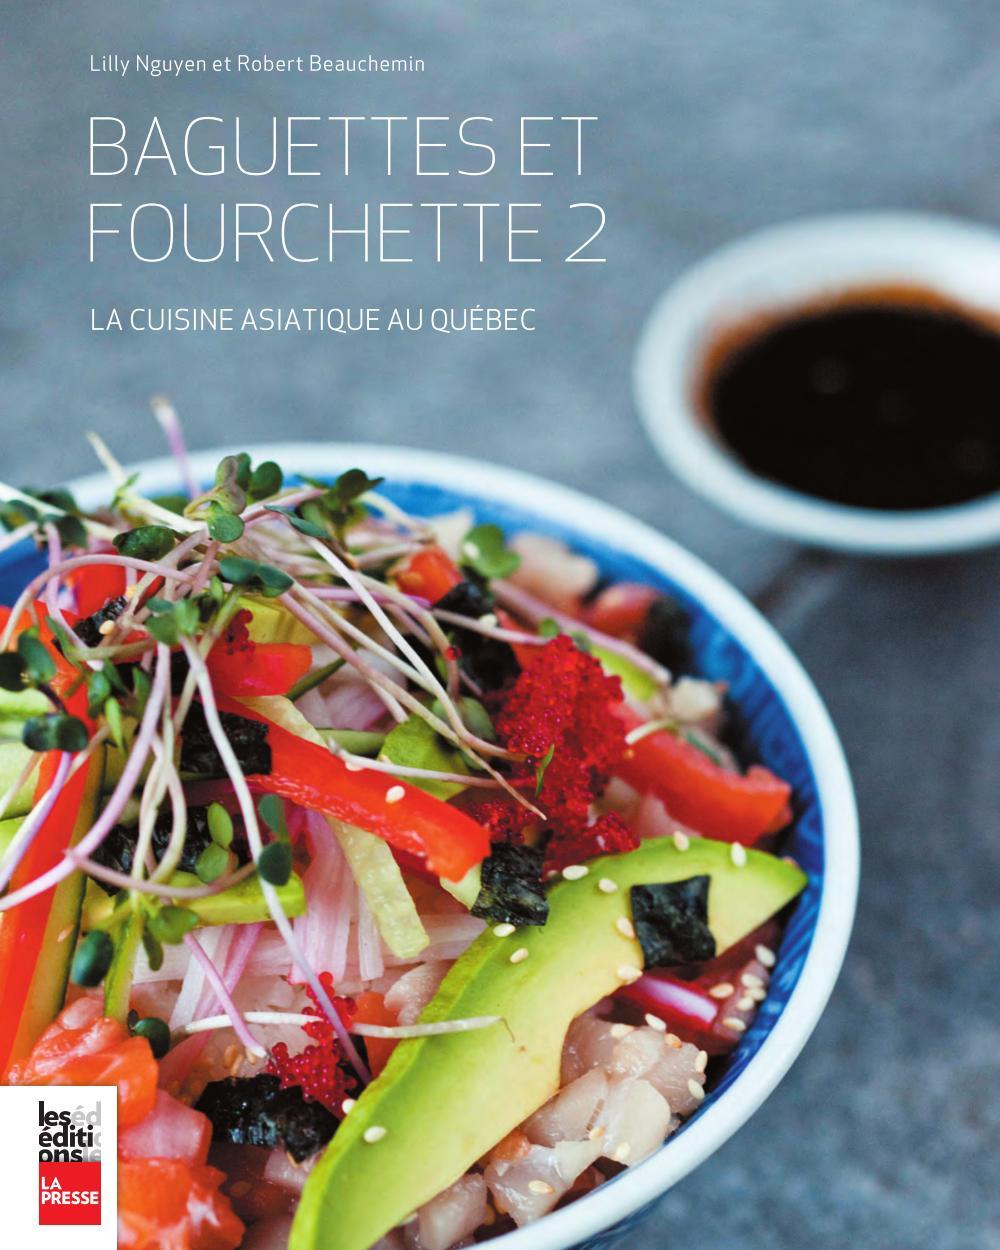 Baguettes et Fourchette 2, La cuisine asiatique au québec